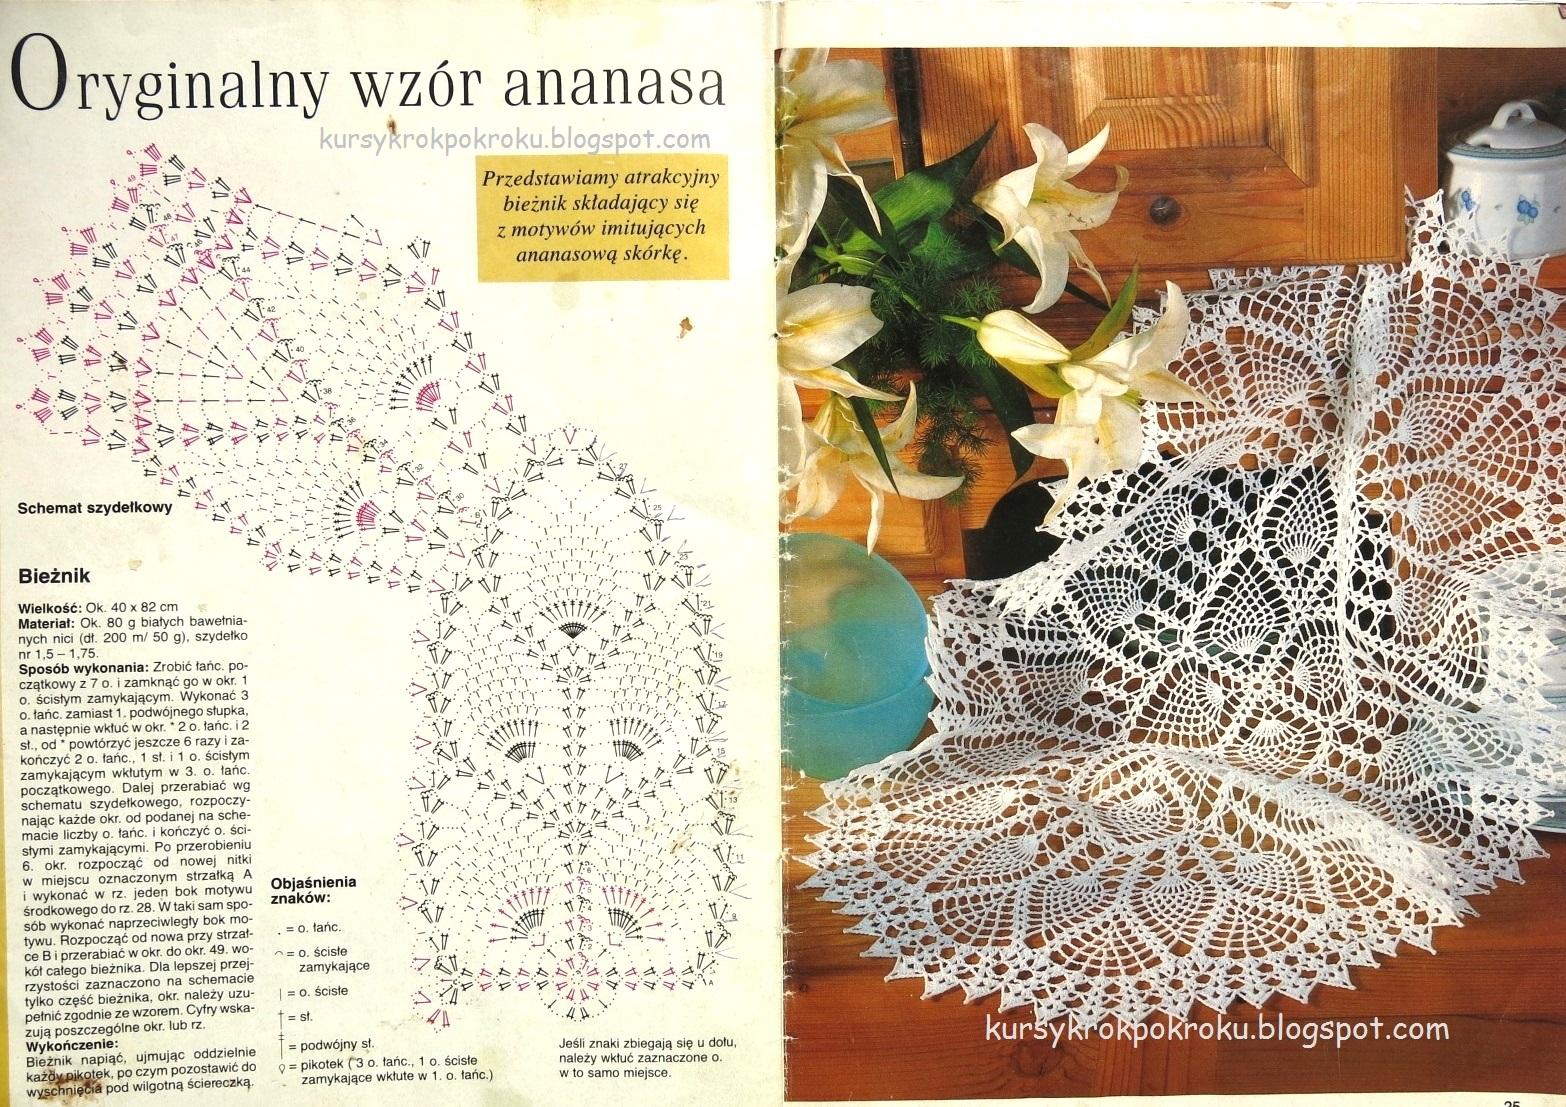 Serwetka w wyjątkowe wzory ananasa - schemat i opis